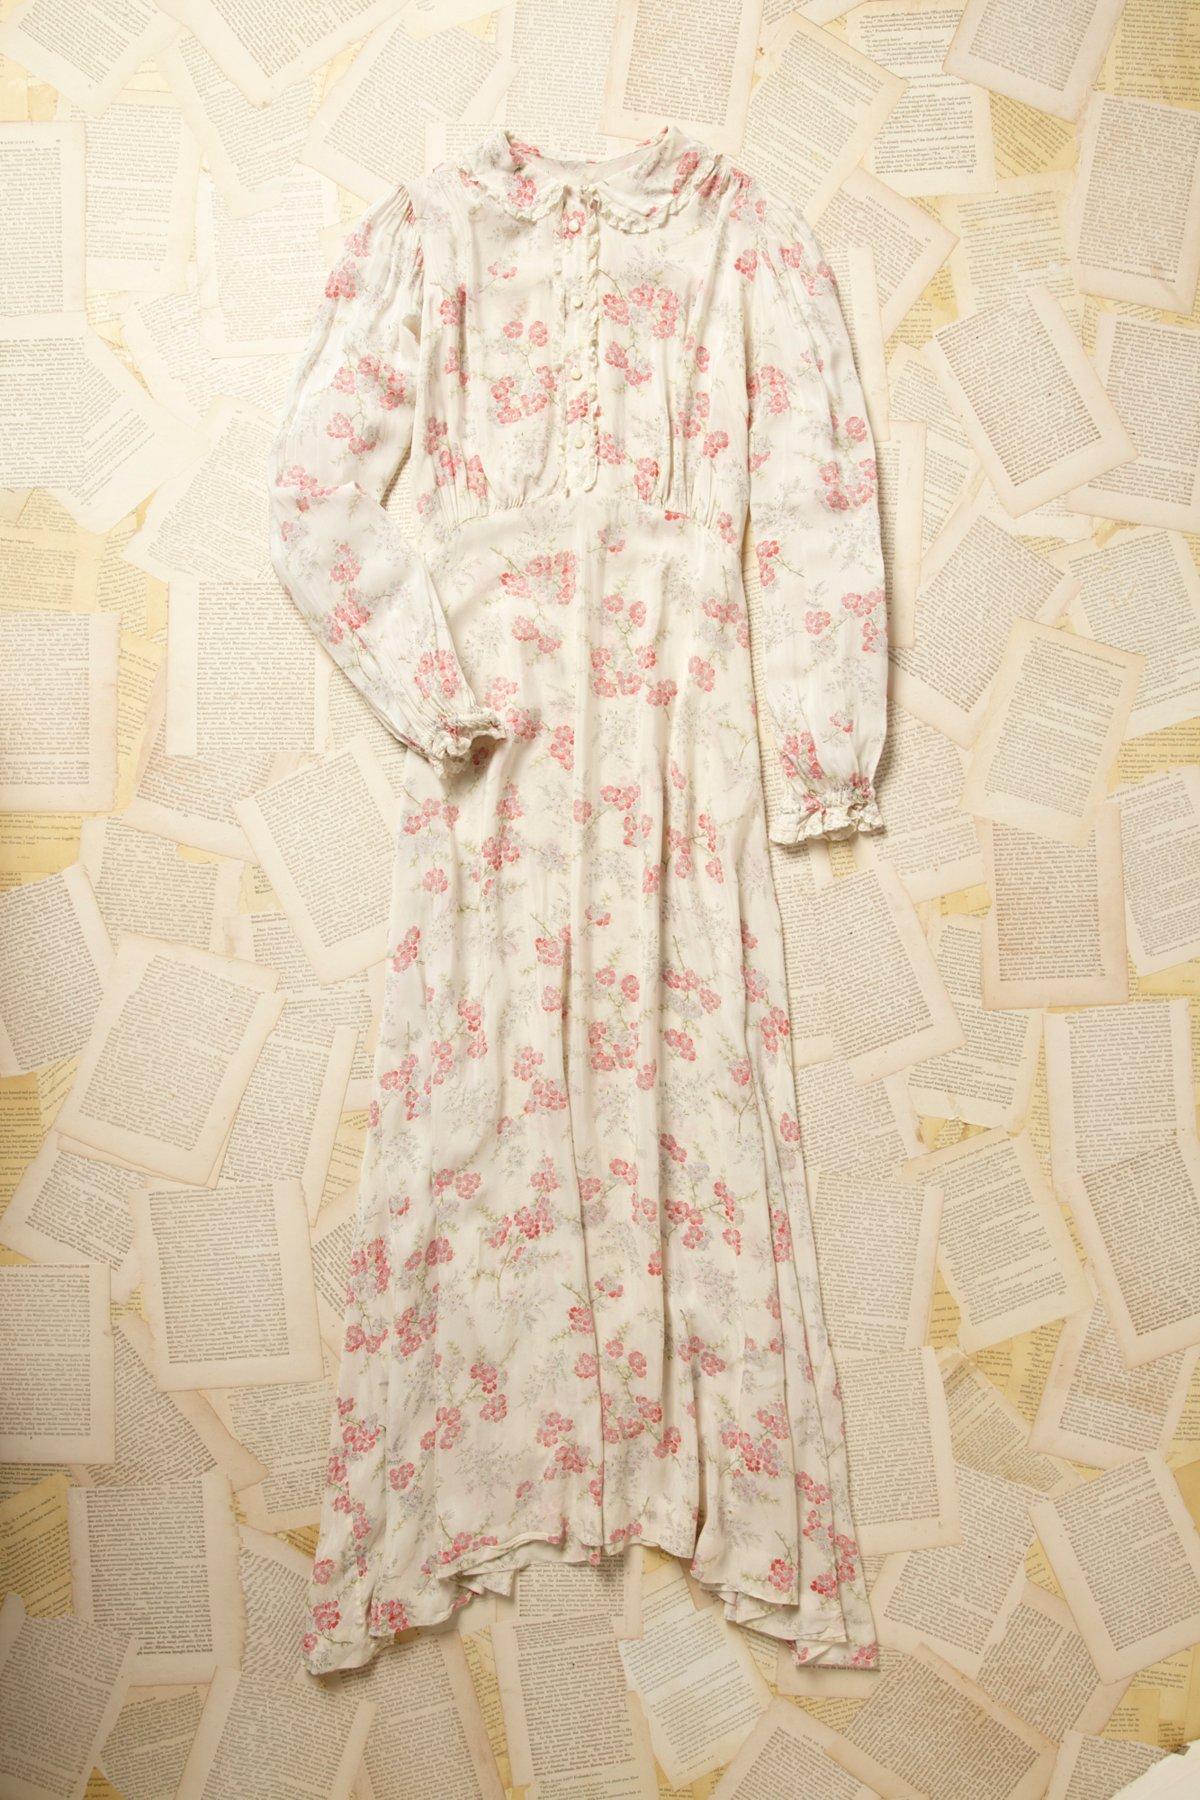 Vintage 1960s Sheer Floral Maxi Dress